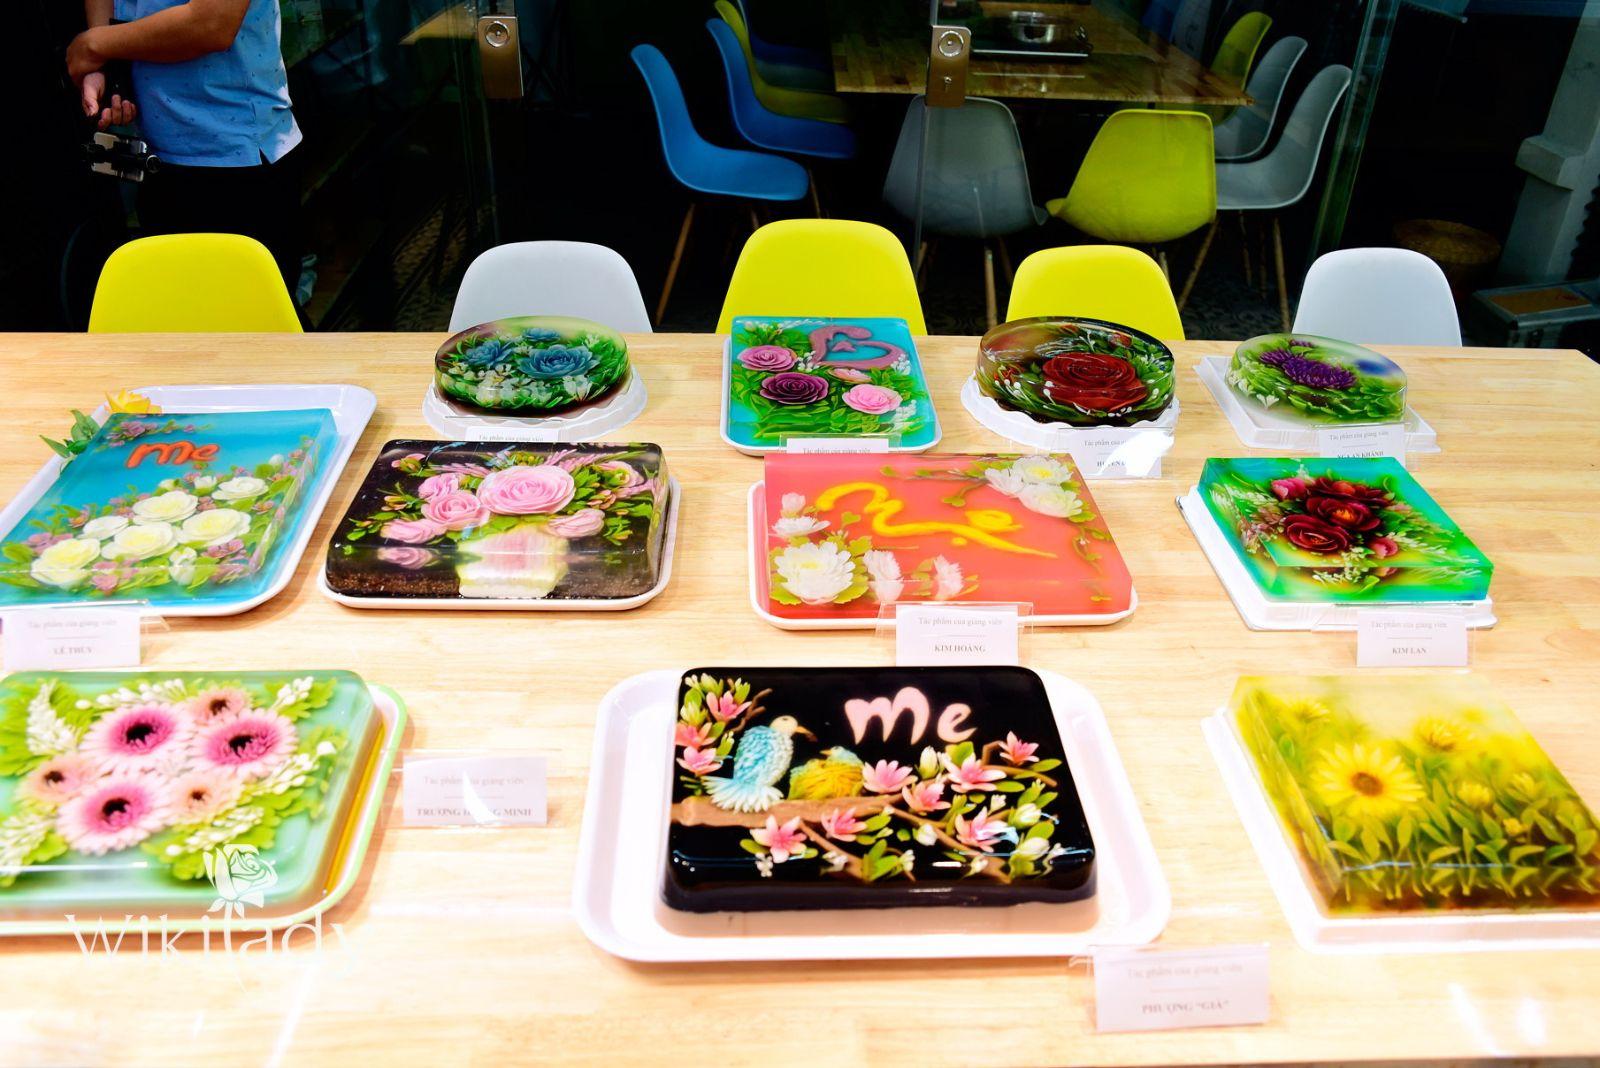 Các nghệ nhân đã mang đến những tác phẩm mình sáng tạo để triển lãm tại chương trình. Những tác phẩm này là quà tặng dành cho các khách mời.